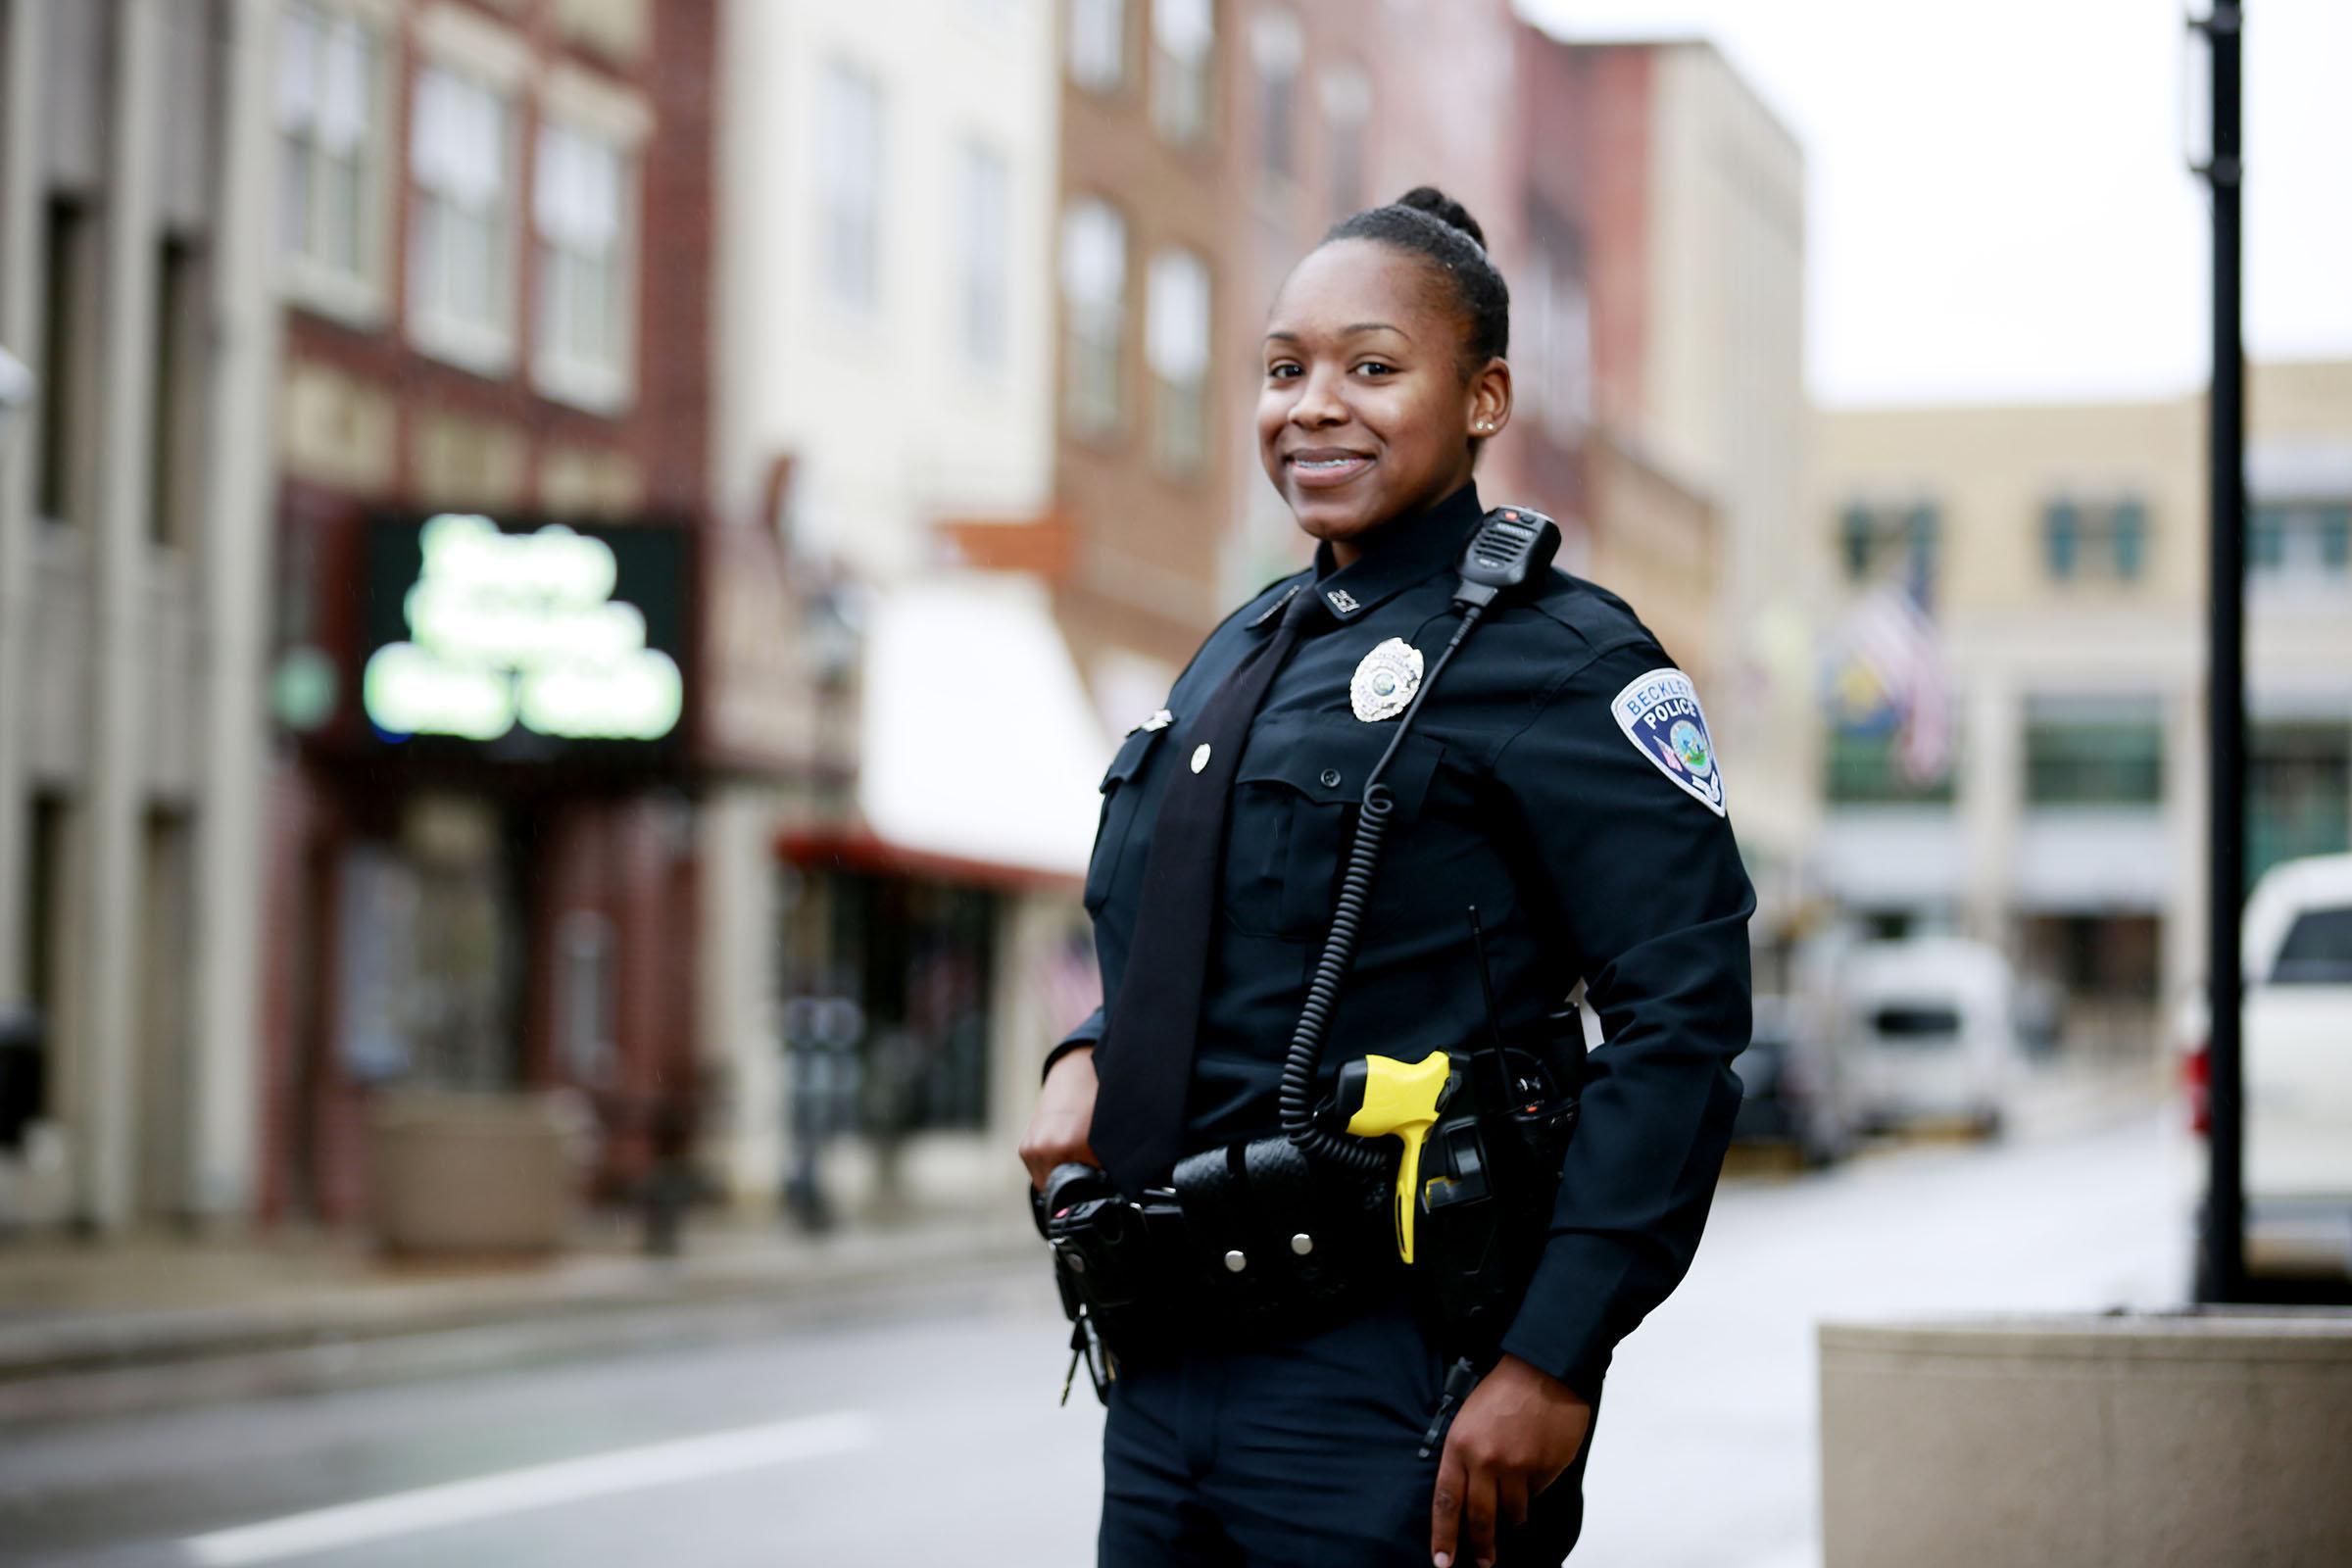 Female cop images 24